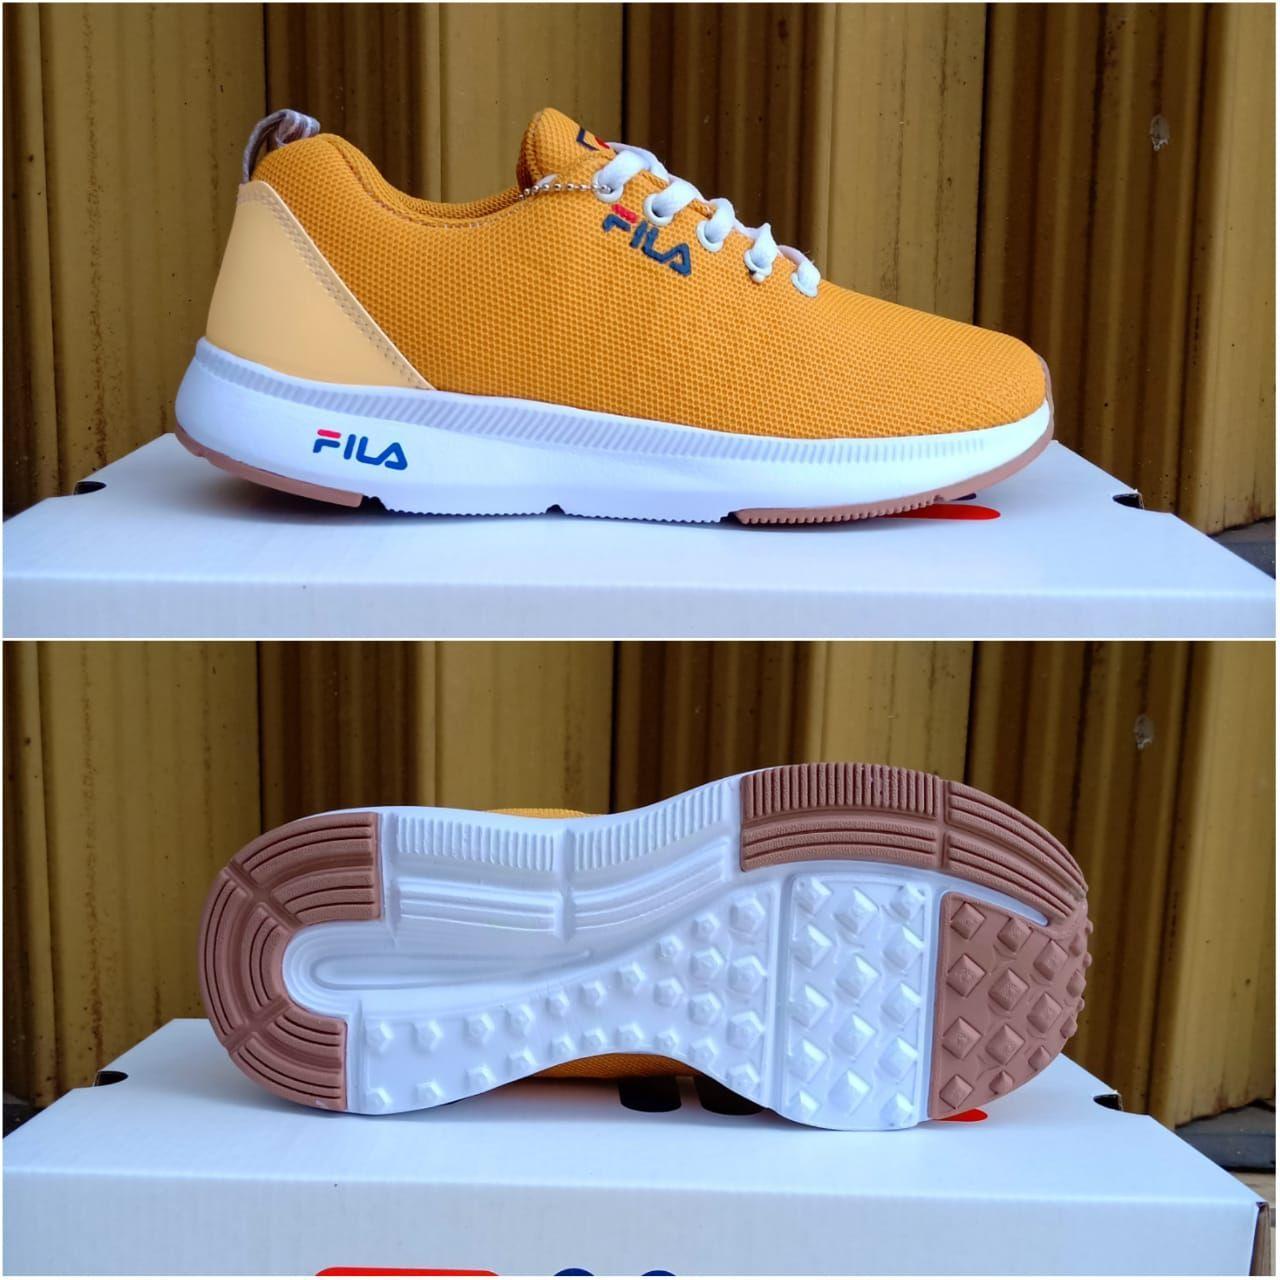 Sepatu Kets Wanita Murah Rainbow Sport Shoes Woman - Daftar Harga ... eea19e8f20